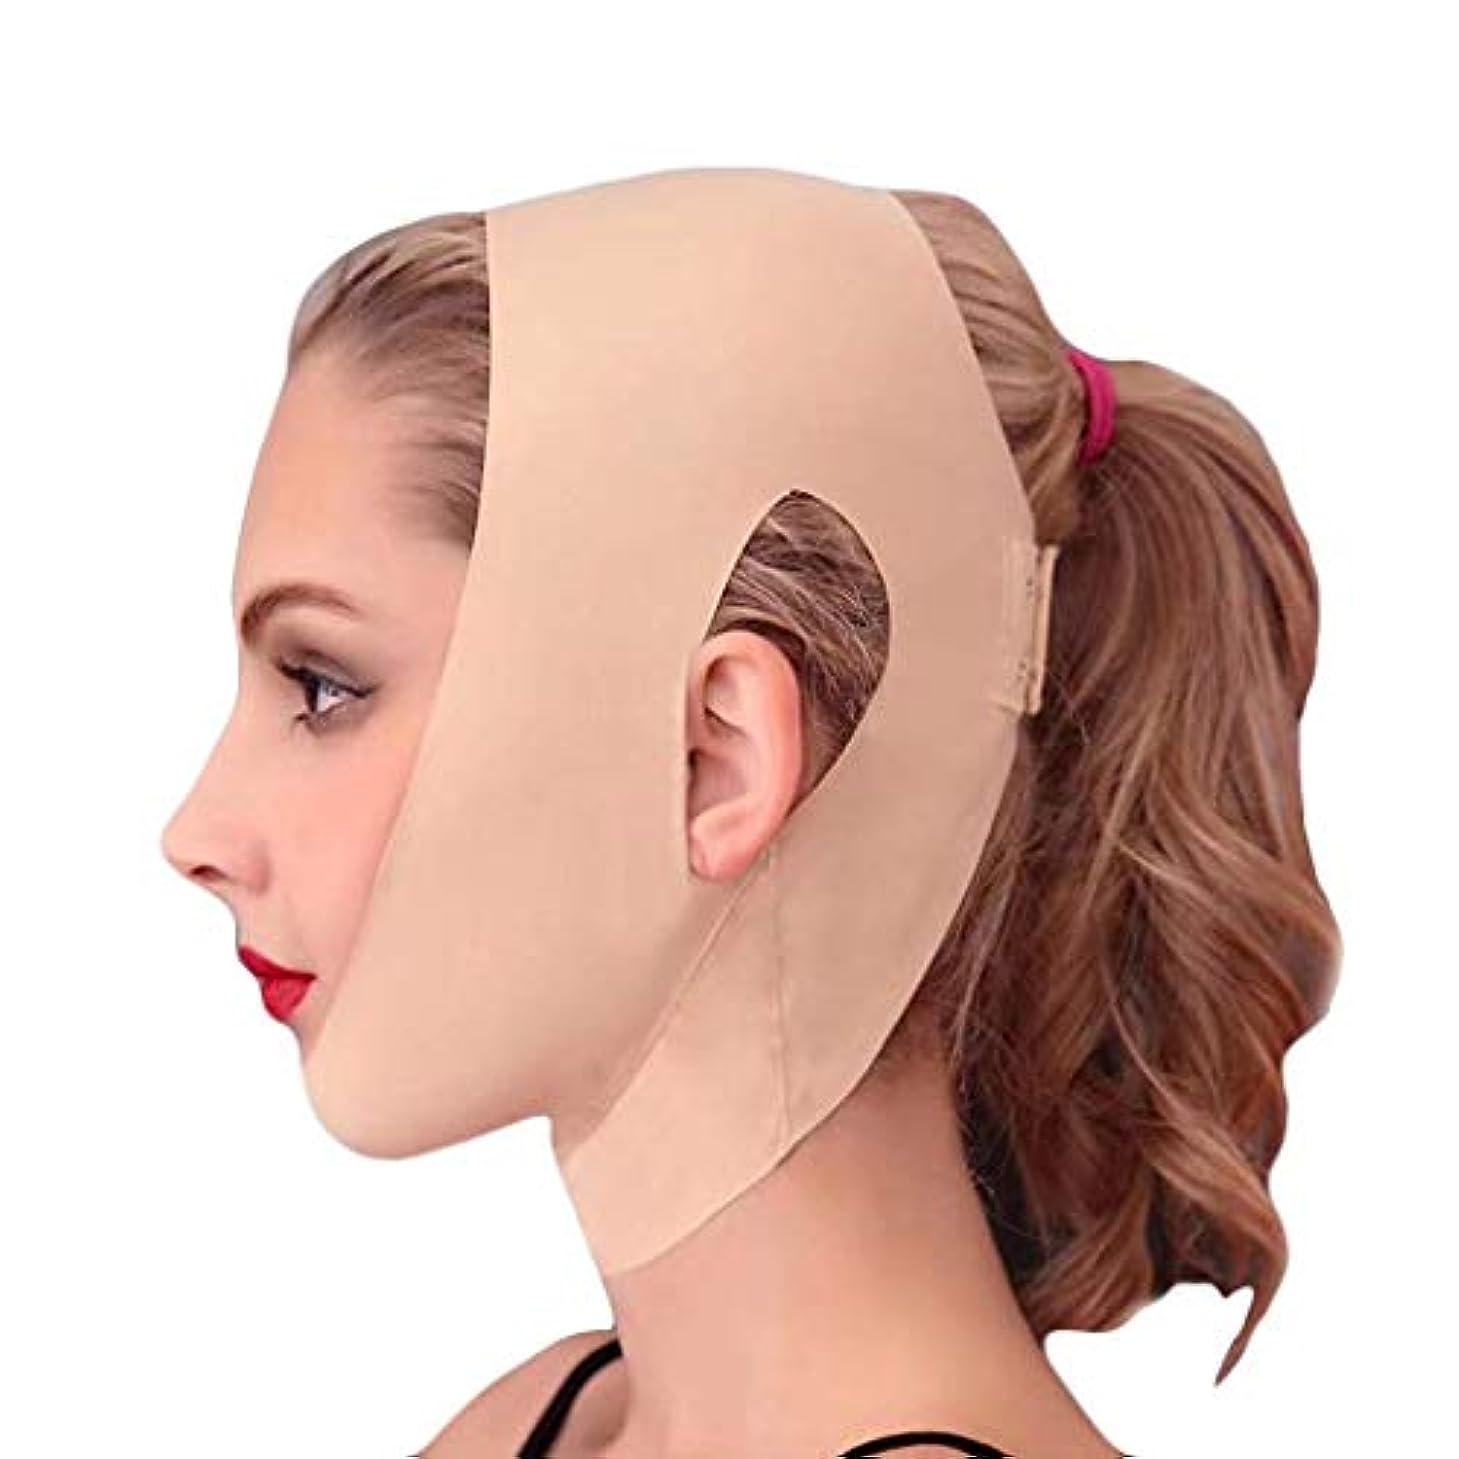 テンションスキニーモスク持ち上がるしっかりした包帯のための顔の持ち上がる用具、表面持ち上がること、引き締まること、顔の減量ベルト